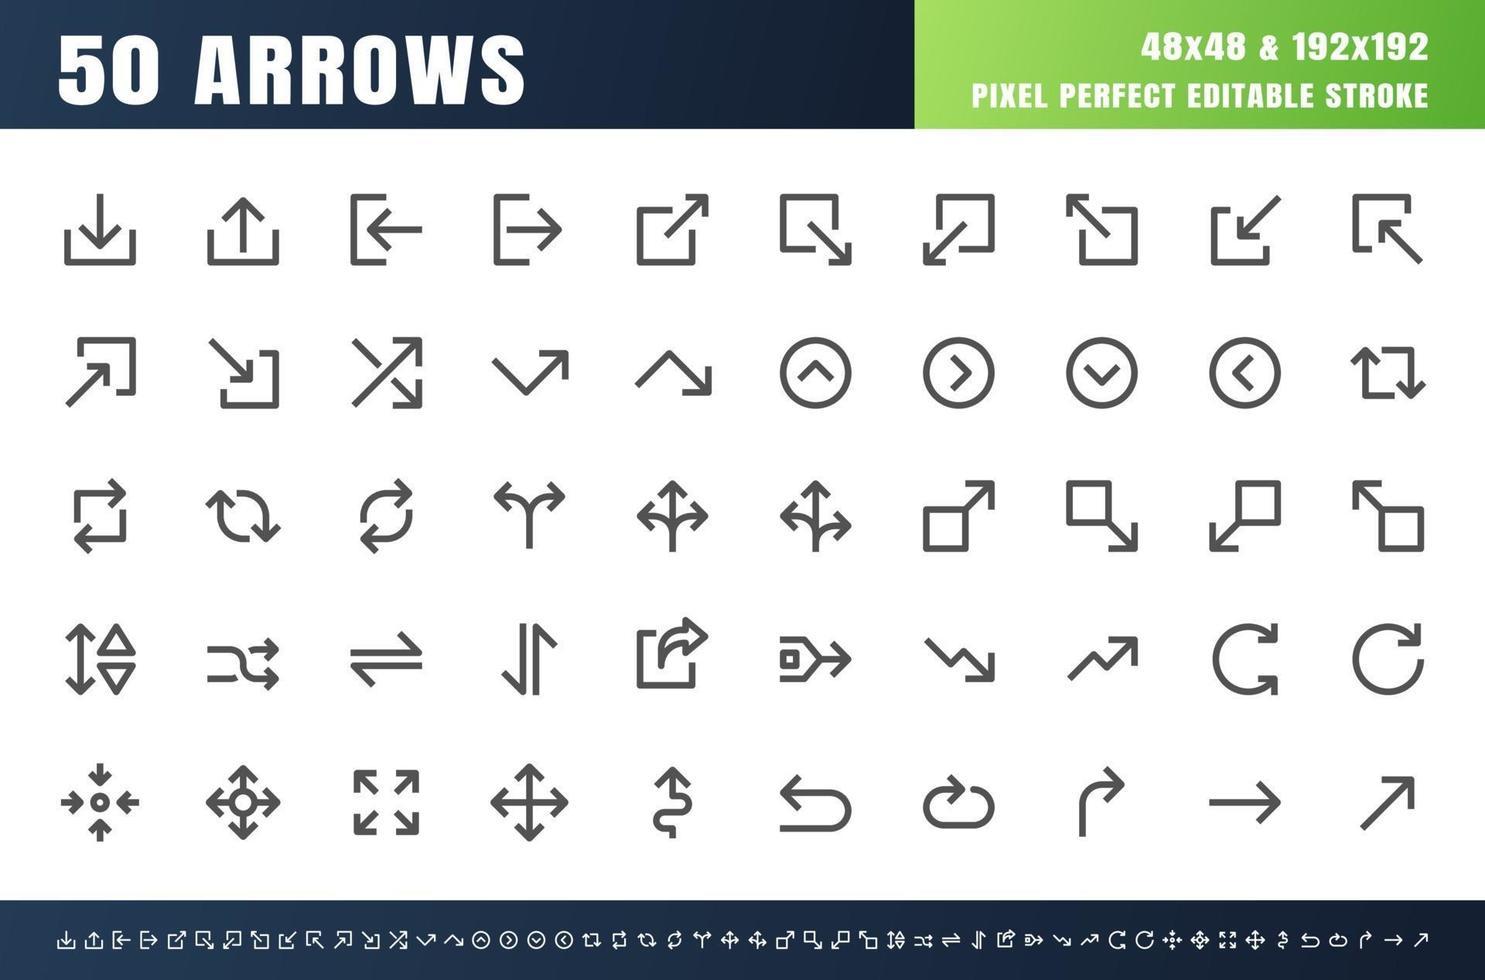 50 pilar djärva konturer ikonuppsättning. 48x48 pixlar perfekt redigerbar stroke. 4 px linjevekt för strokebredd. vektor